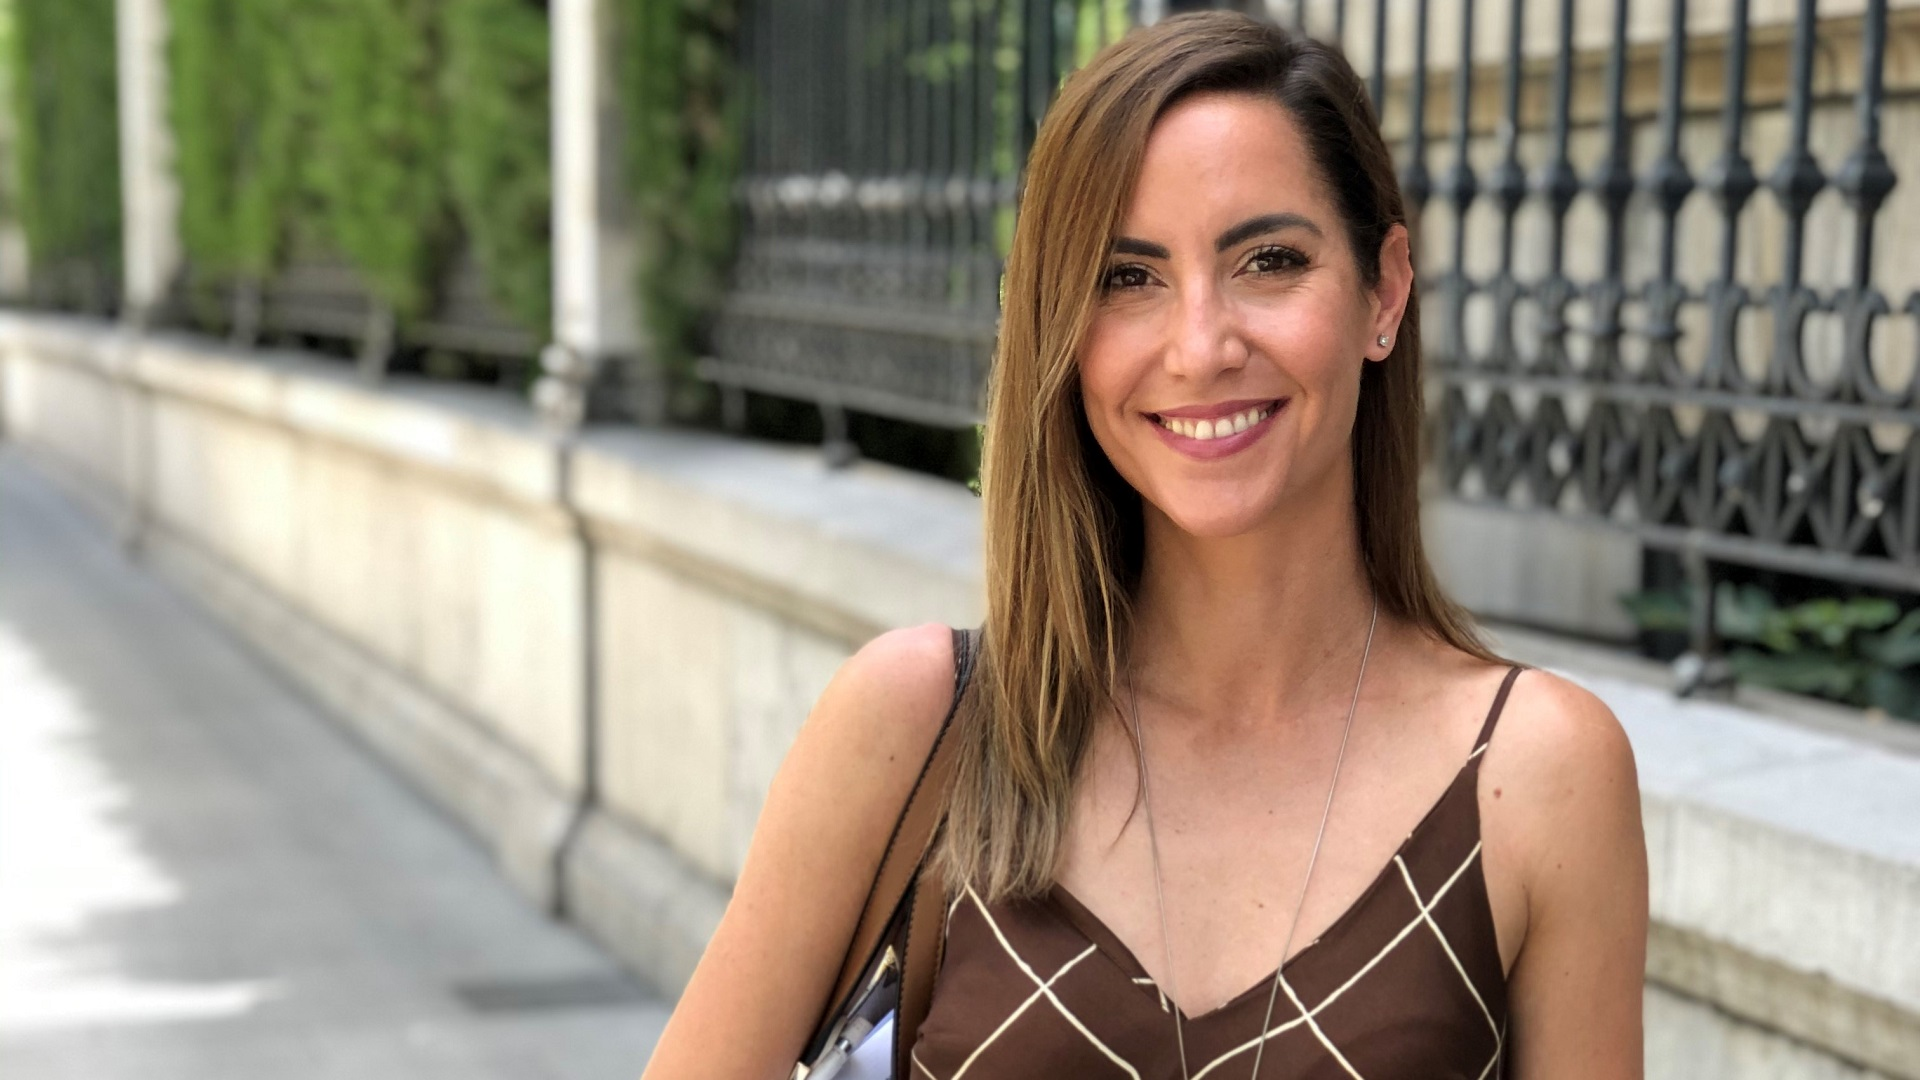 """Rosa Sorroche: """"La moda es una carta de presentación y de expresión, puede transmitir cómo te sientes y también cómo o qué te gustaría ser"""""""